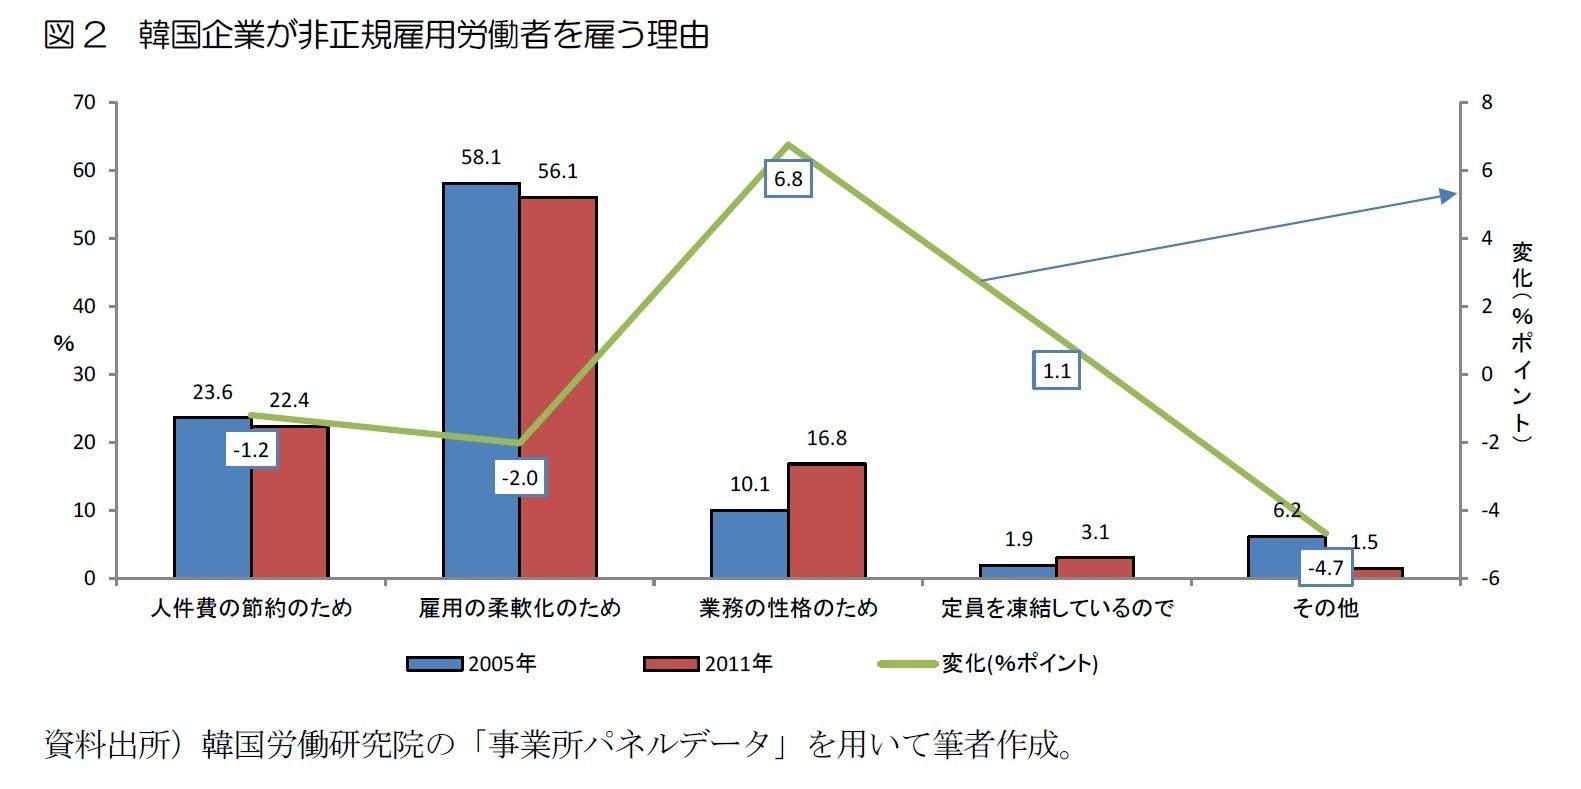 図2 韓国企業が非正規雇用労働者を雇う理由